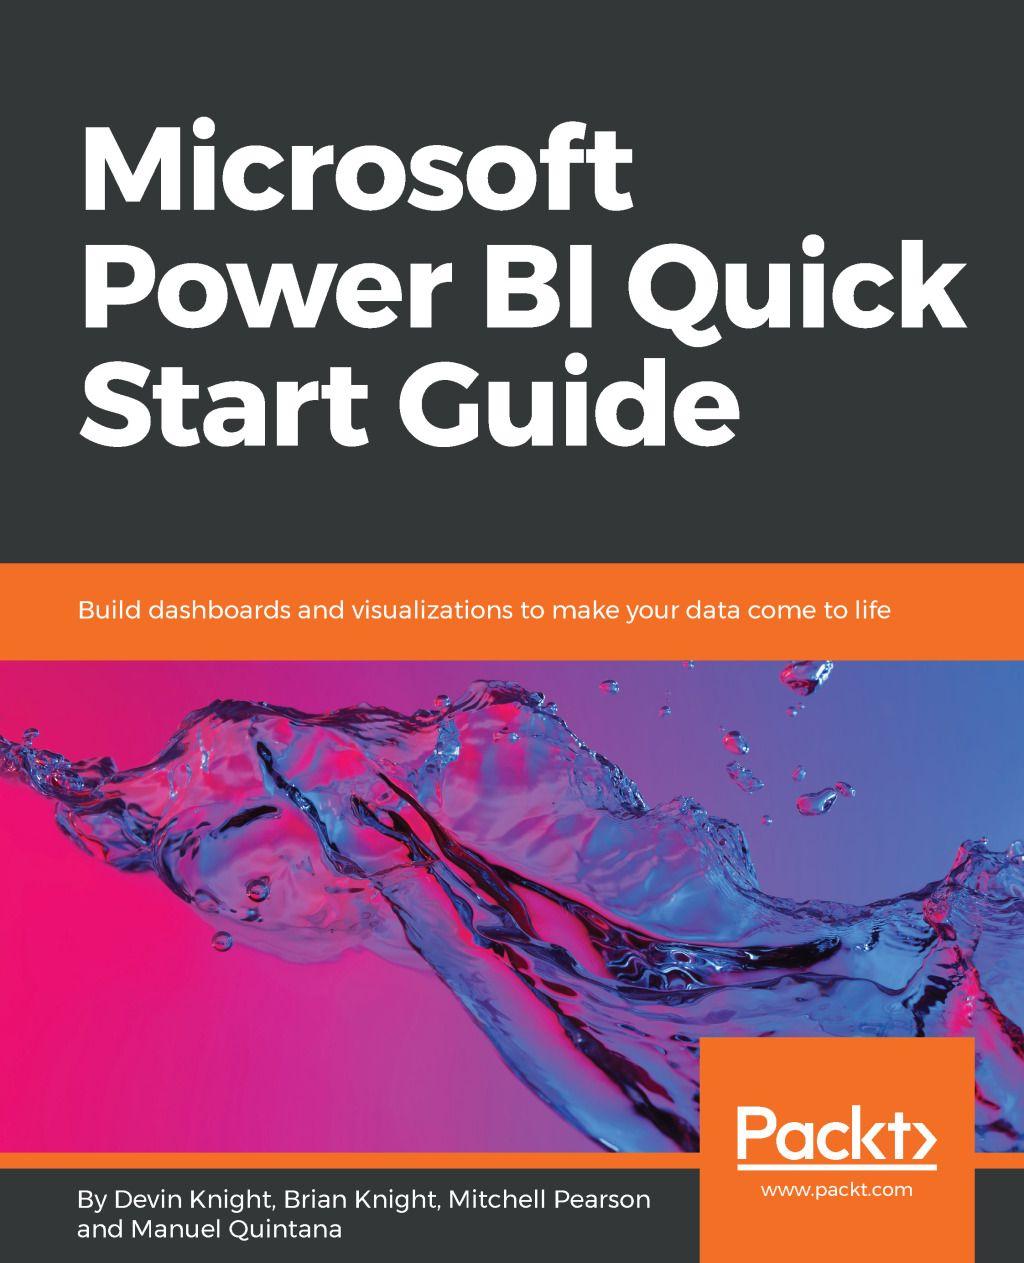 Microsoft Power BI Quick Start Guide (eBook) Free ebooks